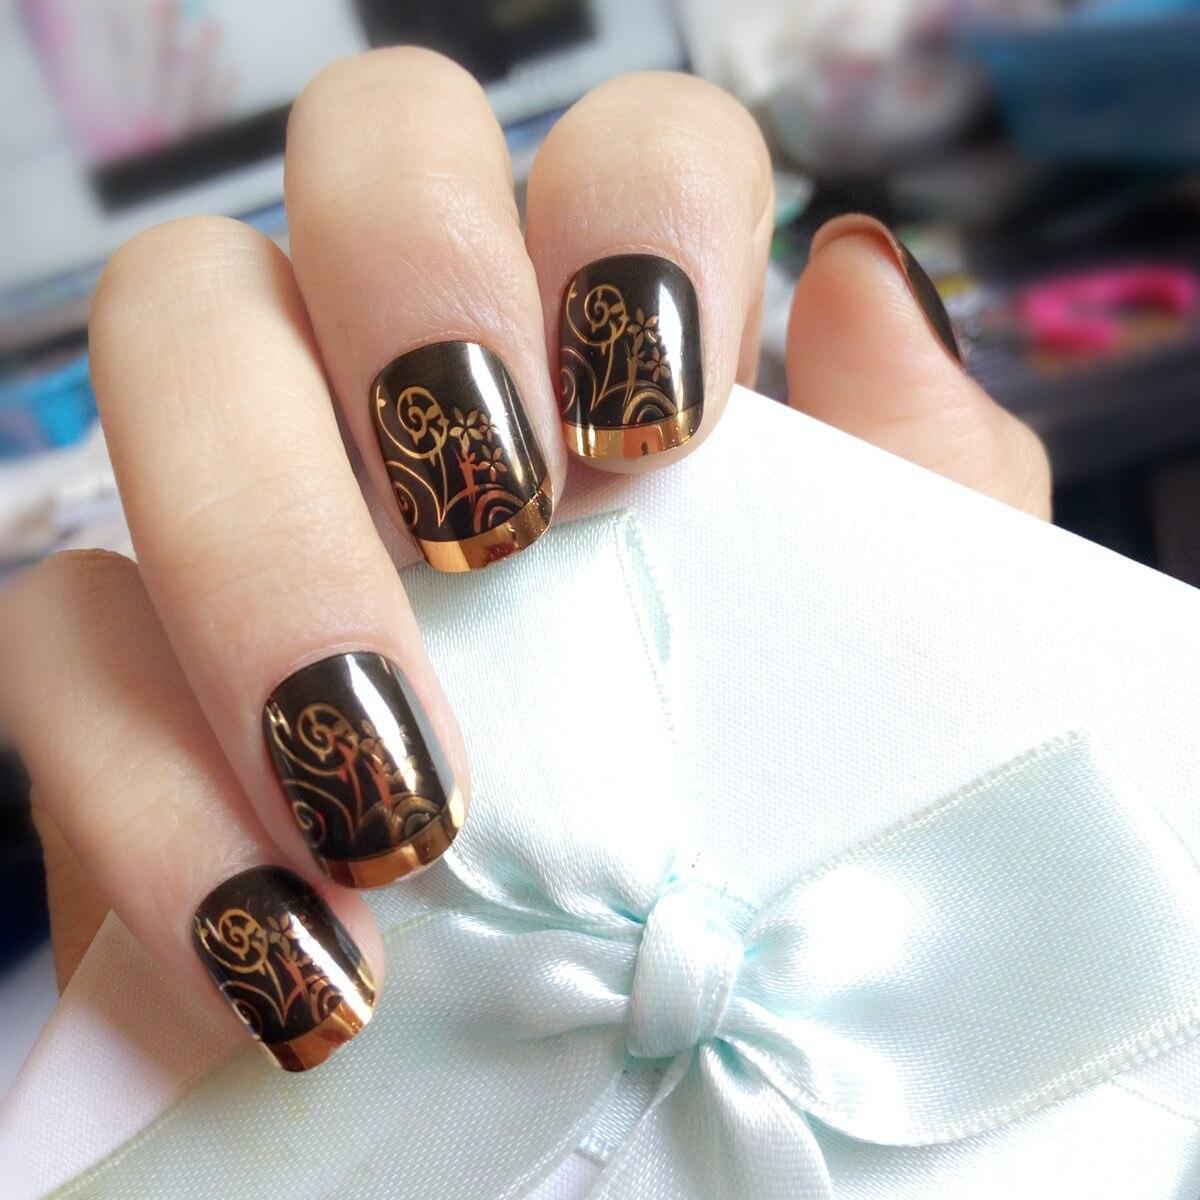 Metallic Gold Schwarz Französisch Nagel Shiny Falsche Nägel DIY ...